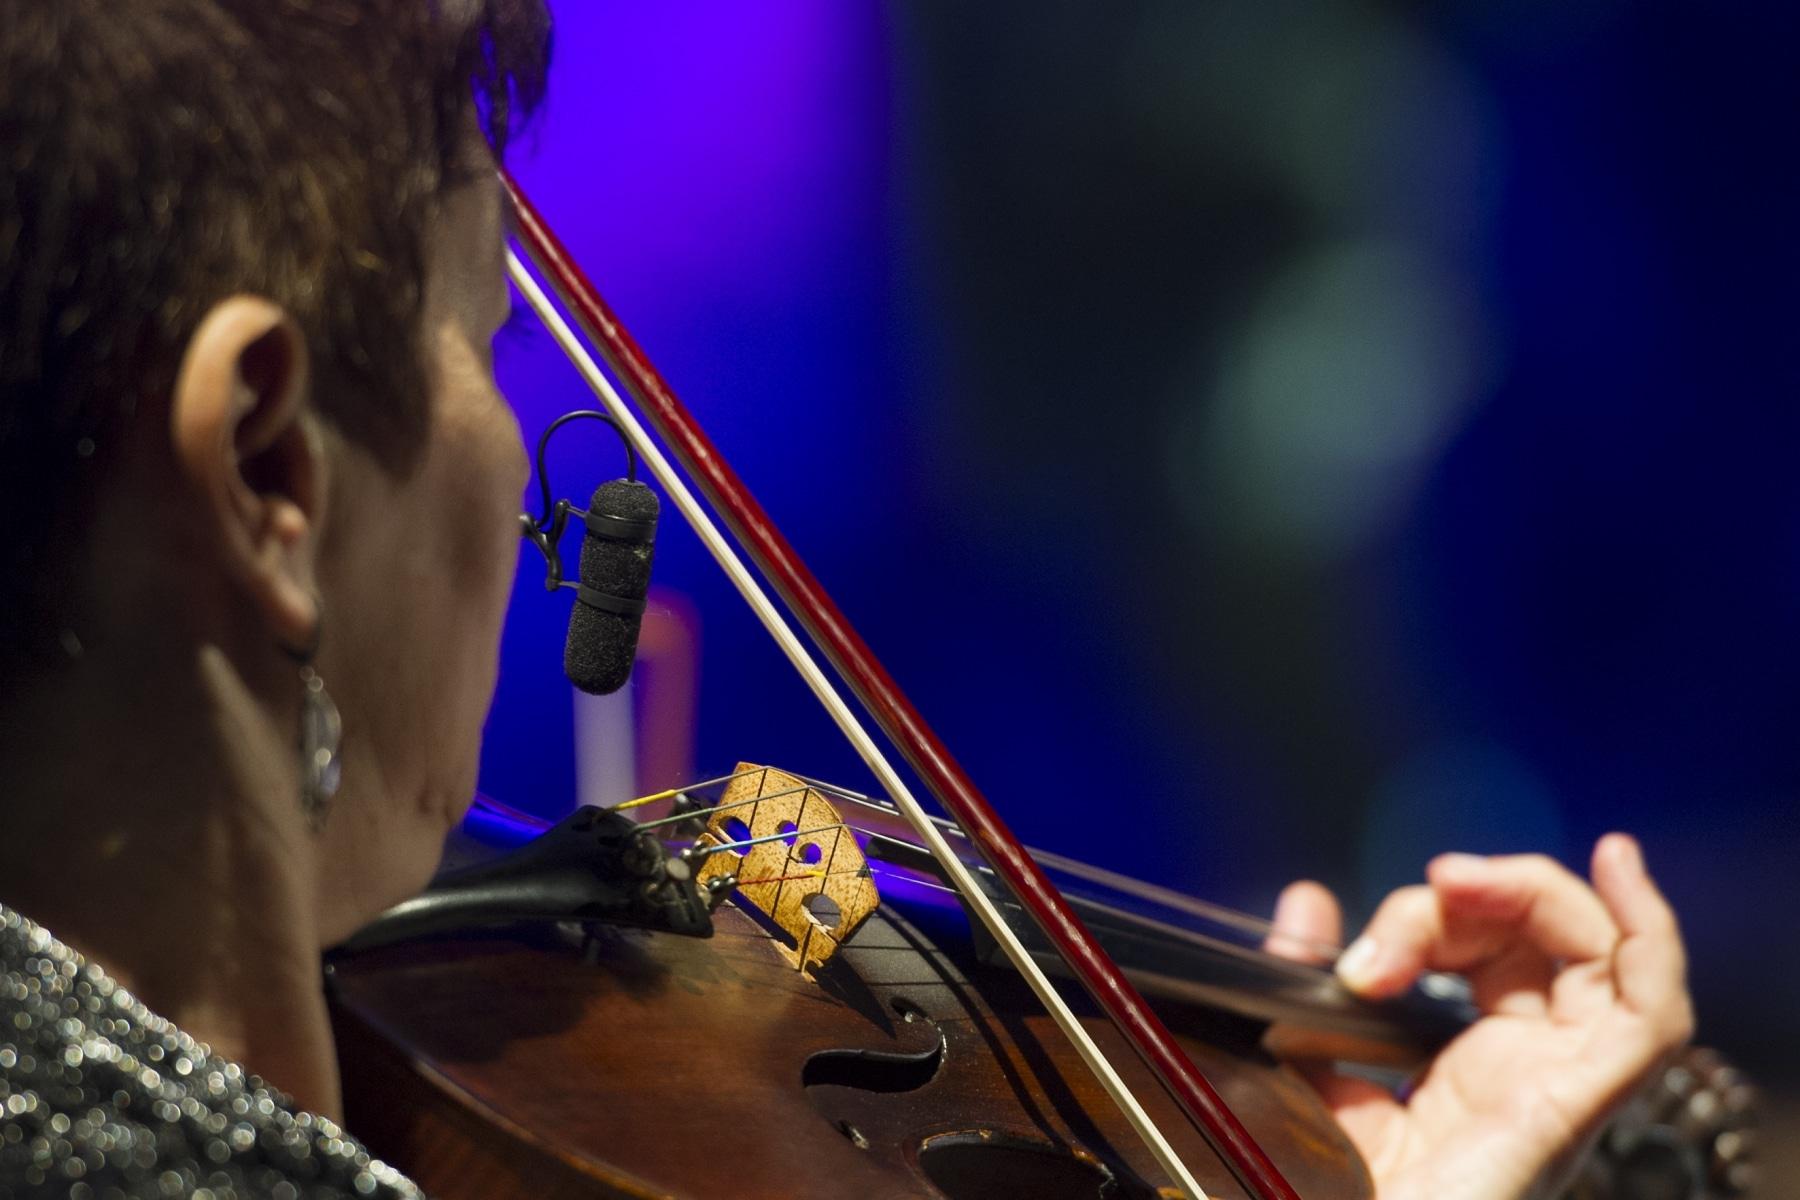 gibraltar-world-music-festival-dia-2-yasmin-levy-mediterranean-andalusian-orchestra-ashkelon-29_9225501066_o